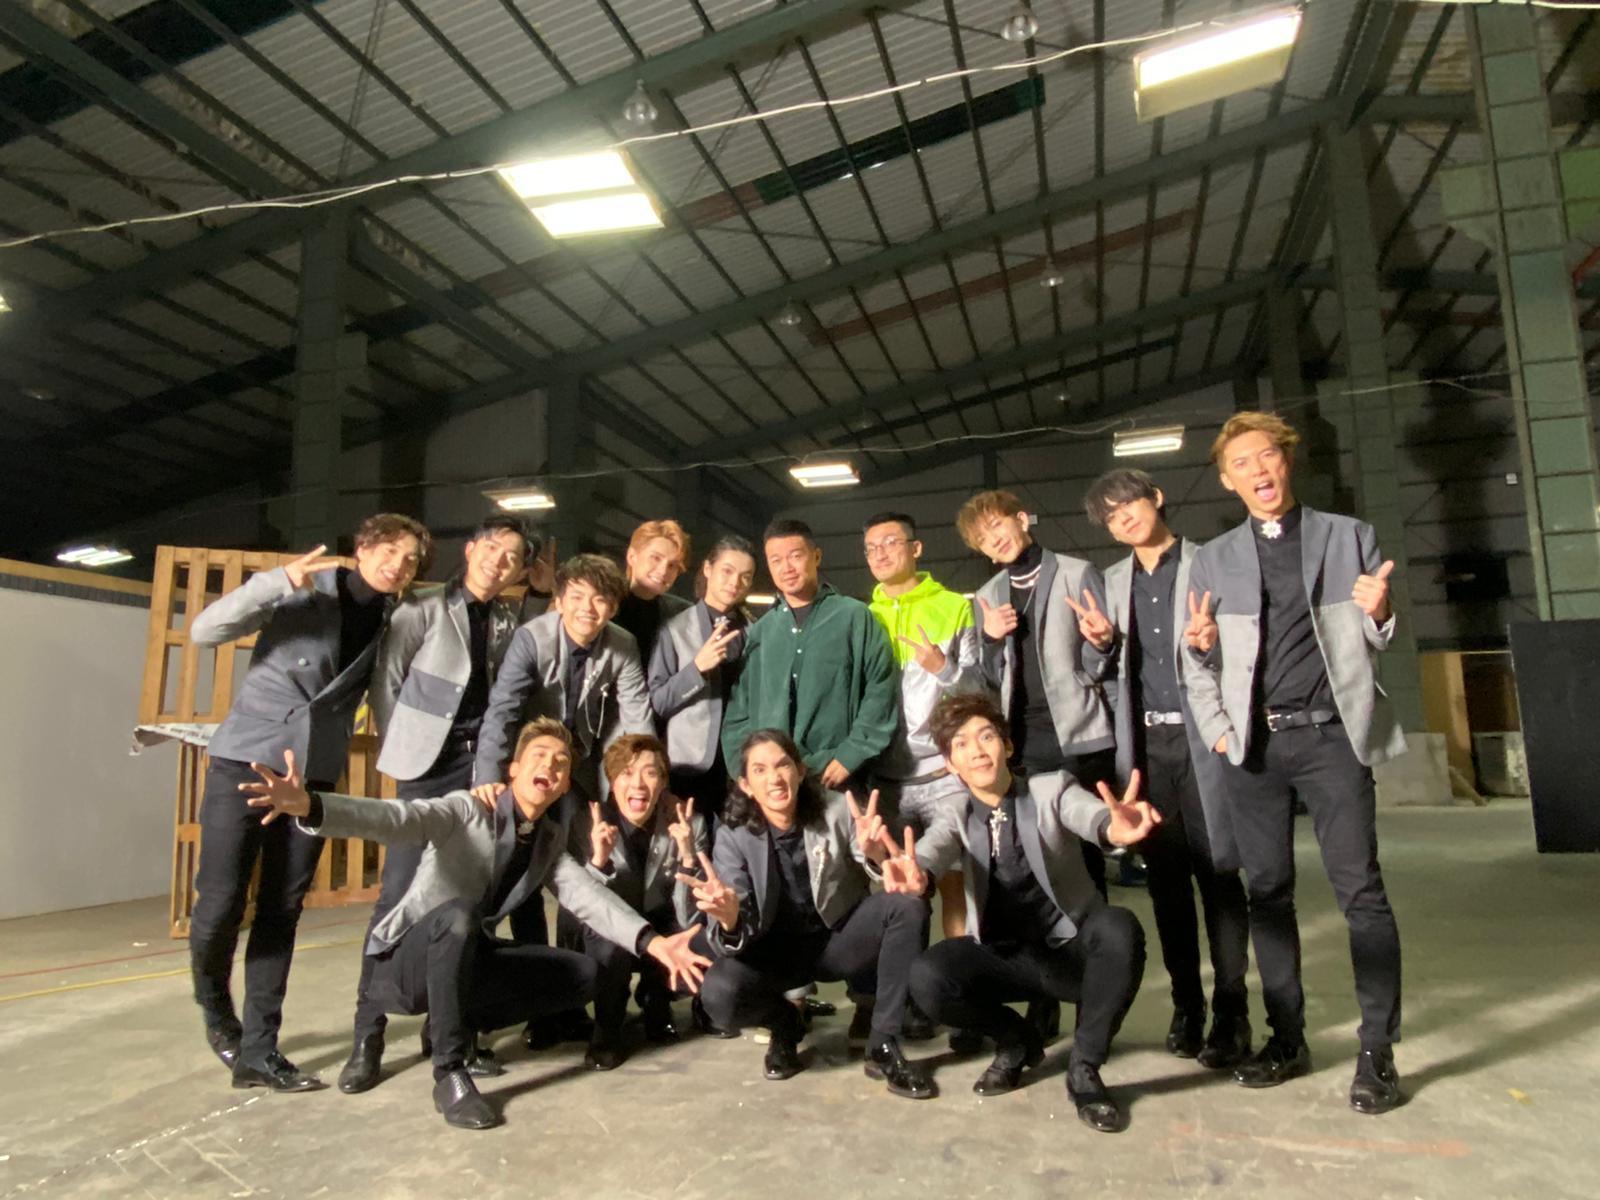 早前MIRROR專登飛到台灣為新歌《Reflection》拍攝MV。